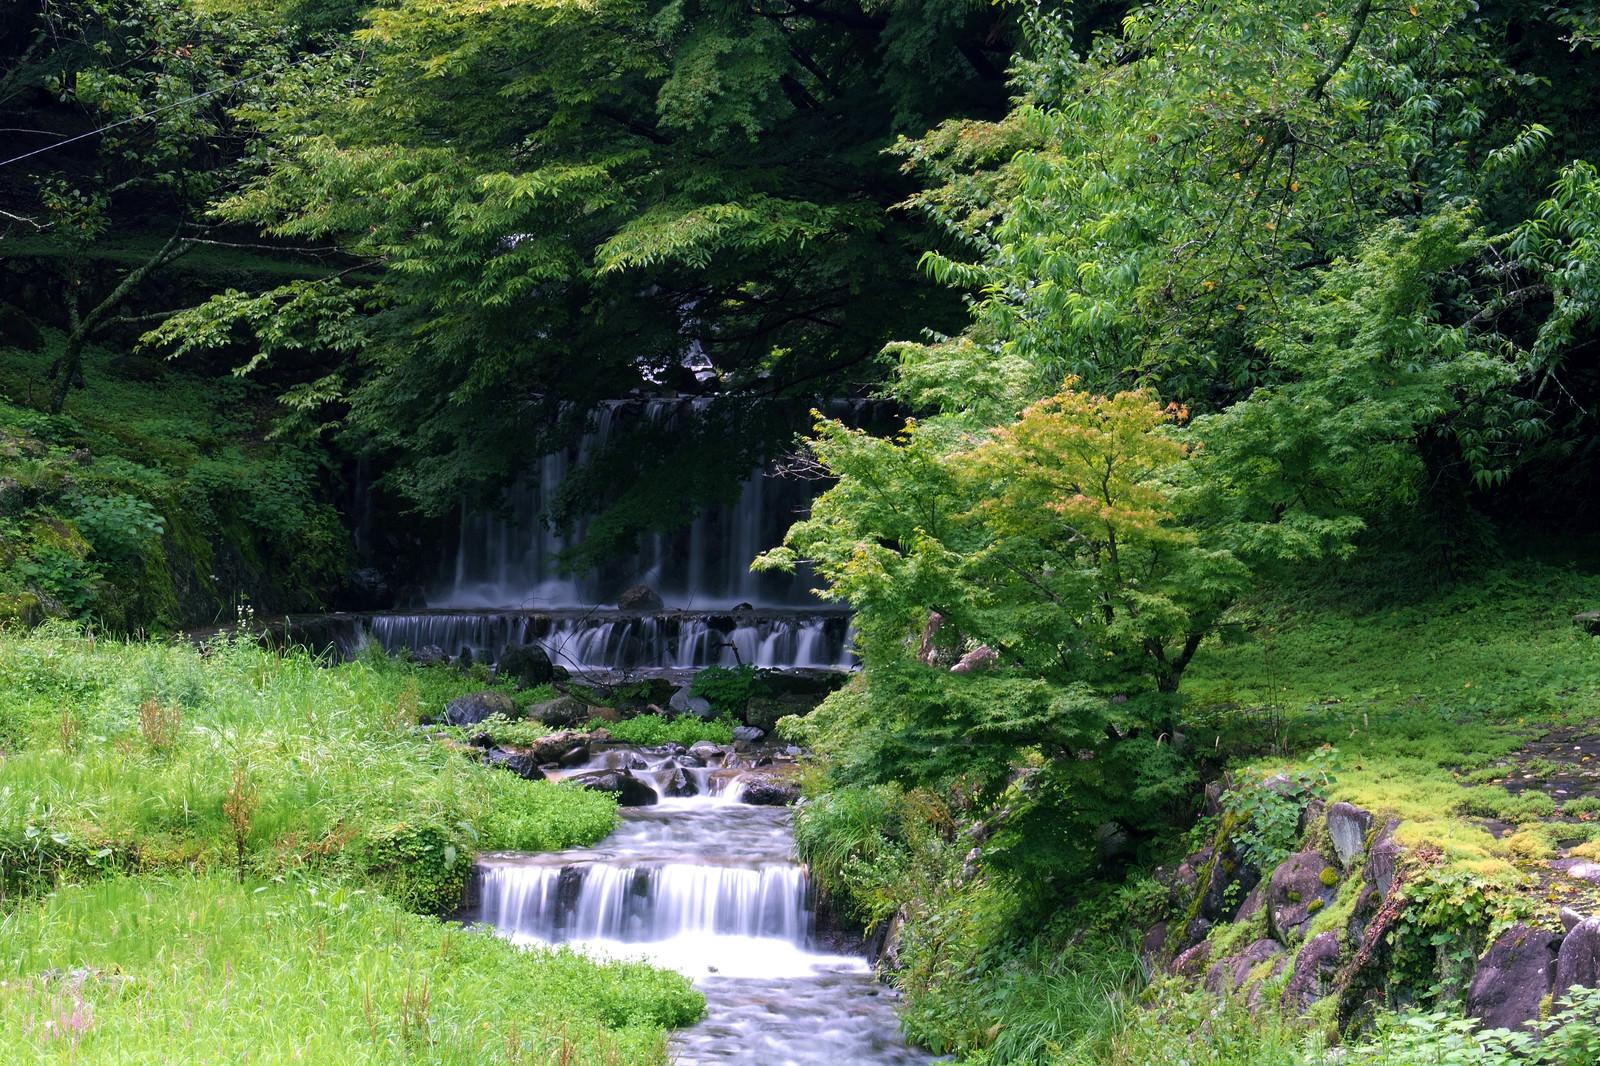 「新緑の森から流れ落ちる滝」の写真